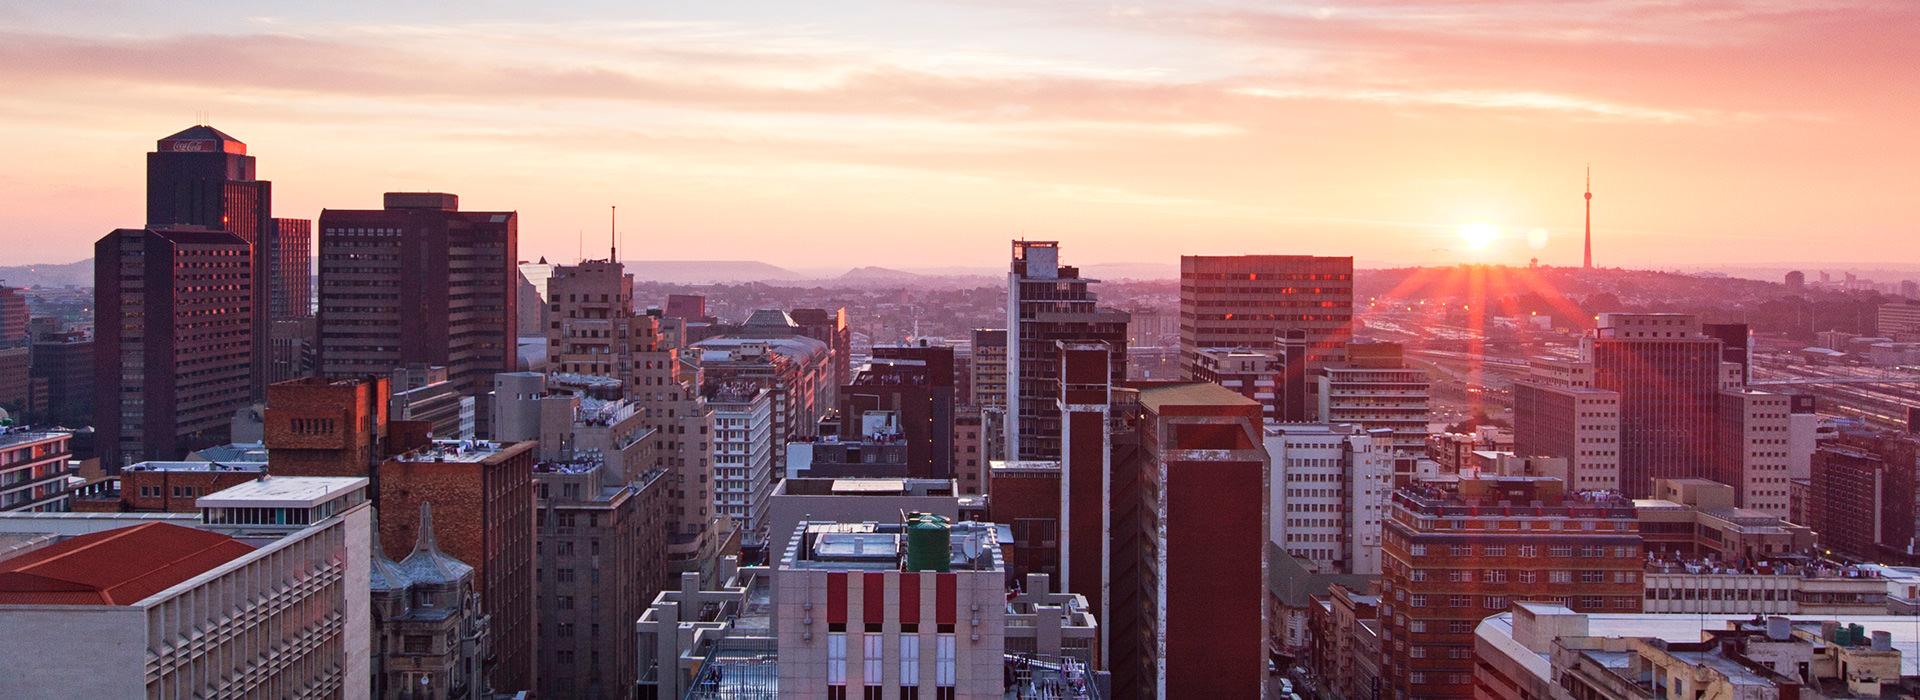 Microsoft South Africa volunteers